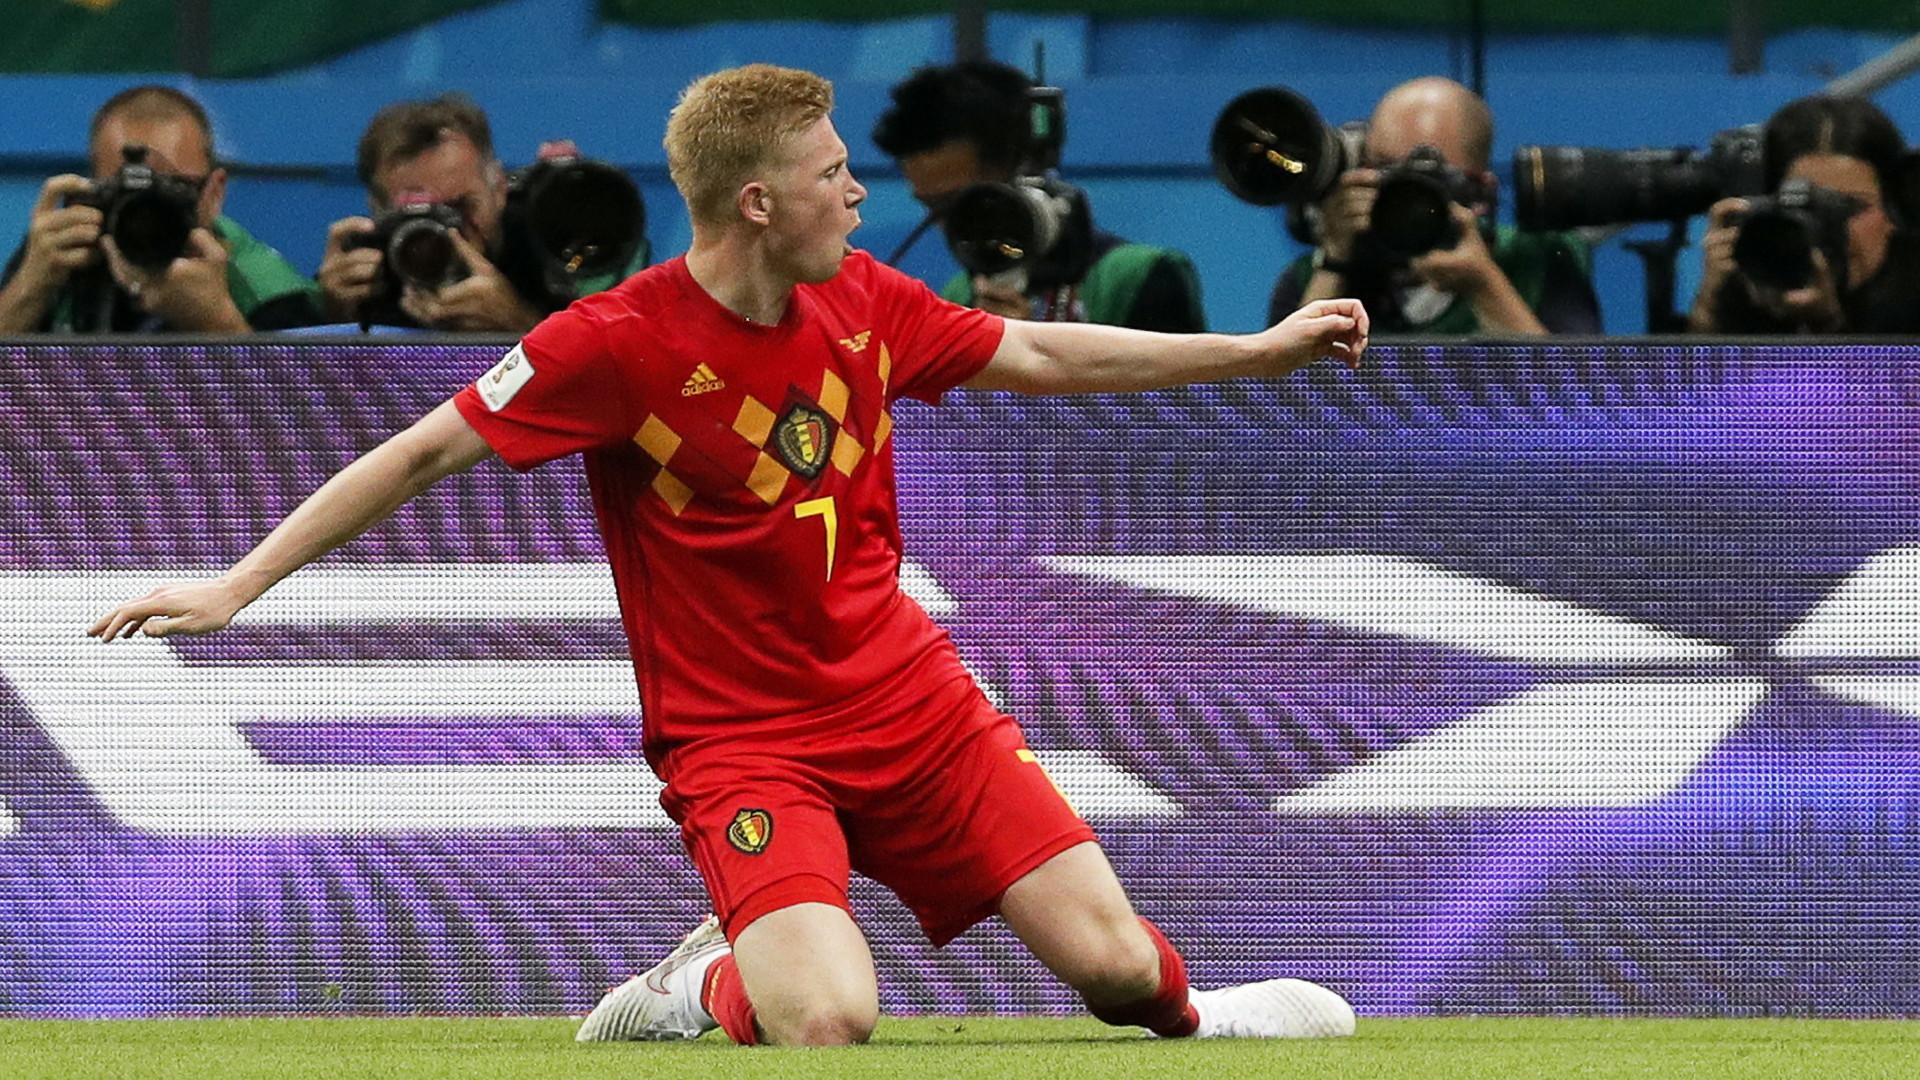 c775f3173 Rosja 2018: Wspaniały mecz w Kazaniu. Belgia wyeliminowała Brazylię i zagra  z Francją o finał [23. DZIEŃ MUNDIALU] - Rosja 2018 - polskieradio24.pl